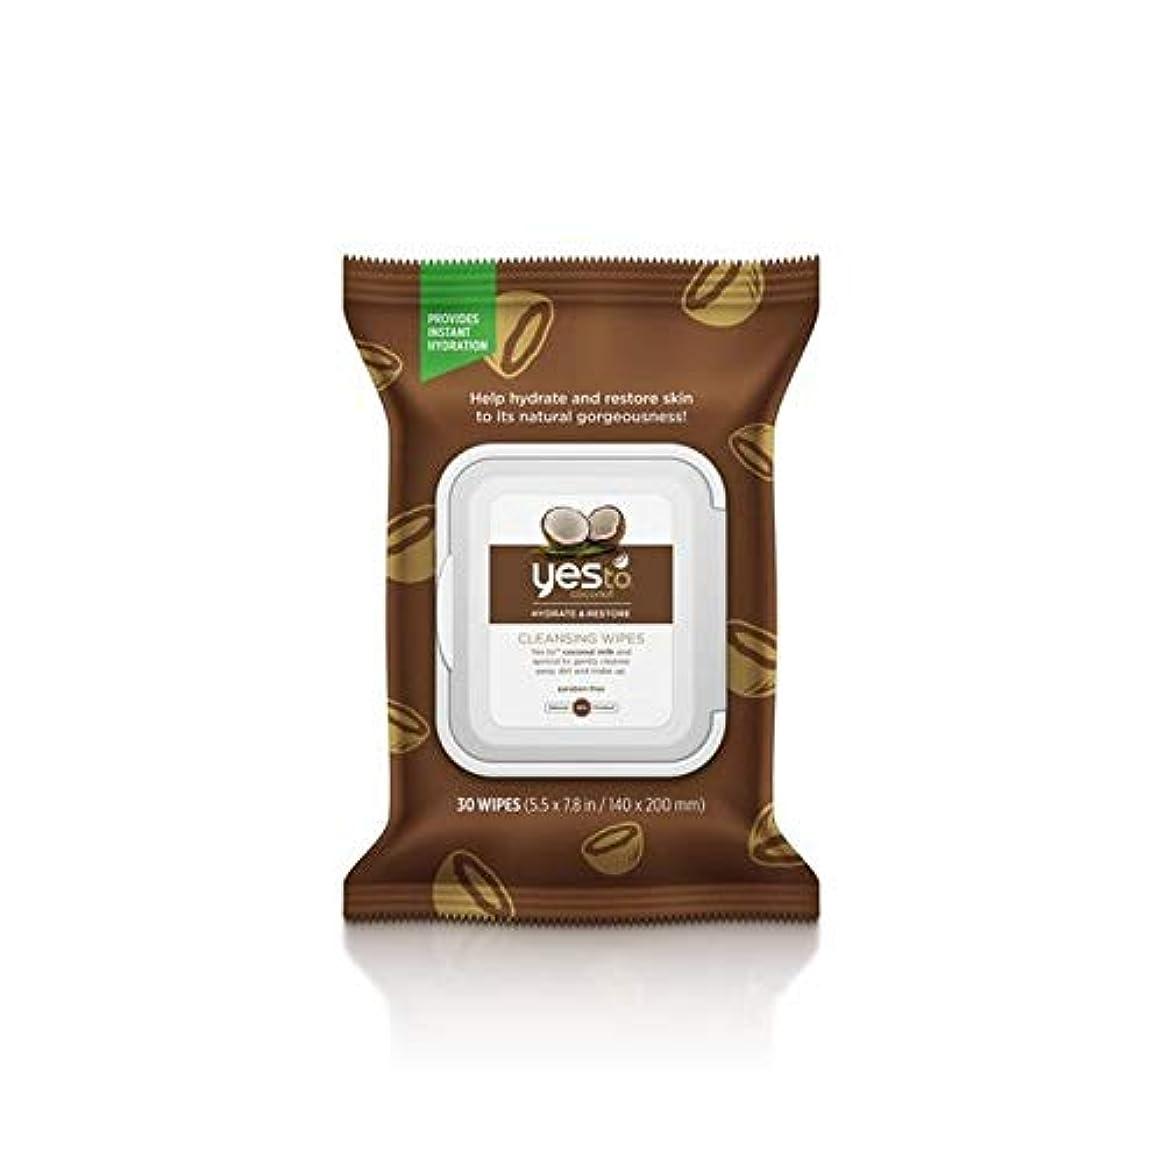 内なる路地キャプテン[YES TO! ] はいココナッツクレンジング顔にパックあたり25ワイプ - Yes To Coconut Cleansing Face Wipes 25 per pack [並行輸入品]